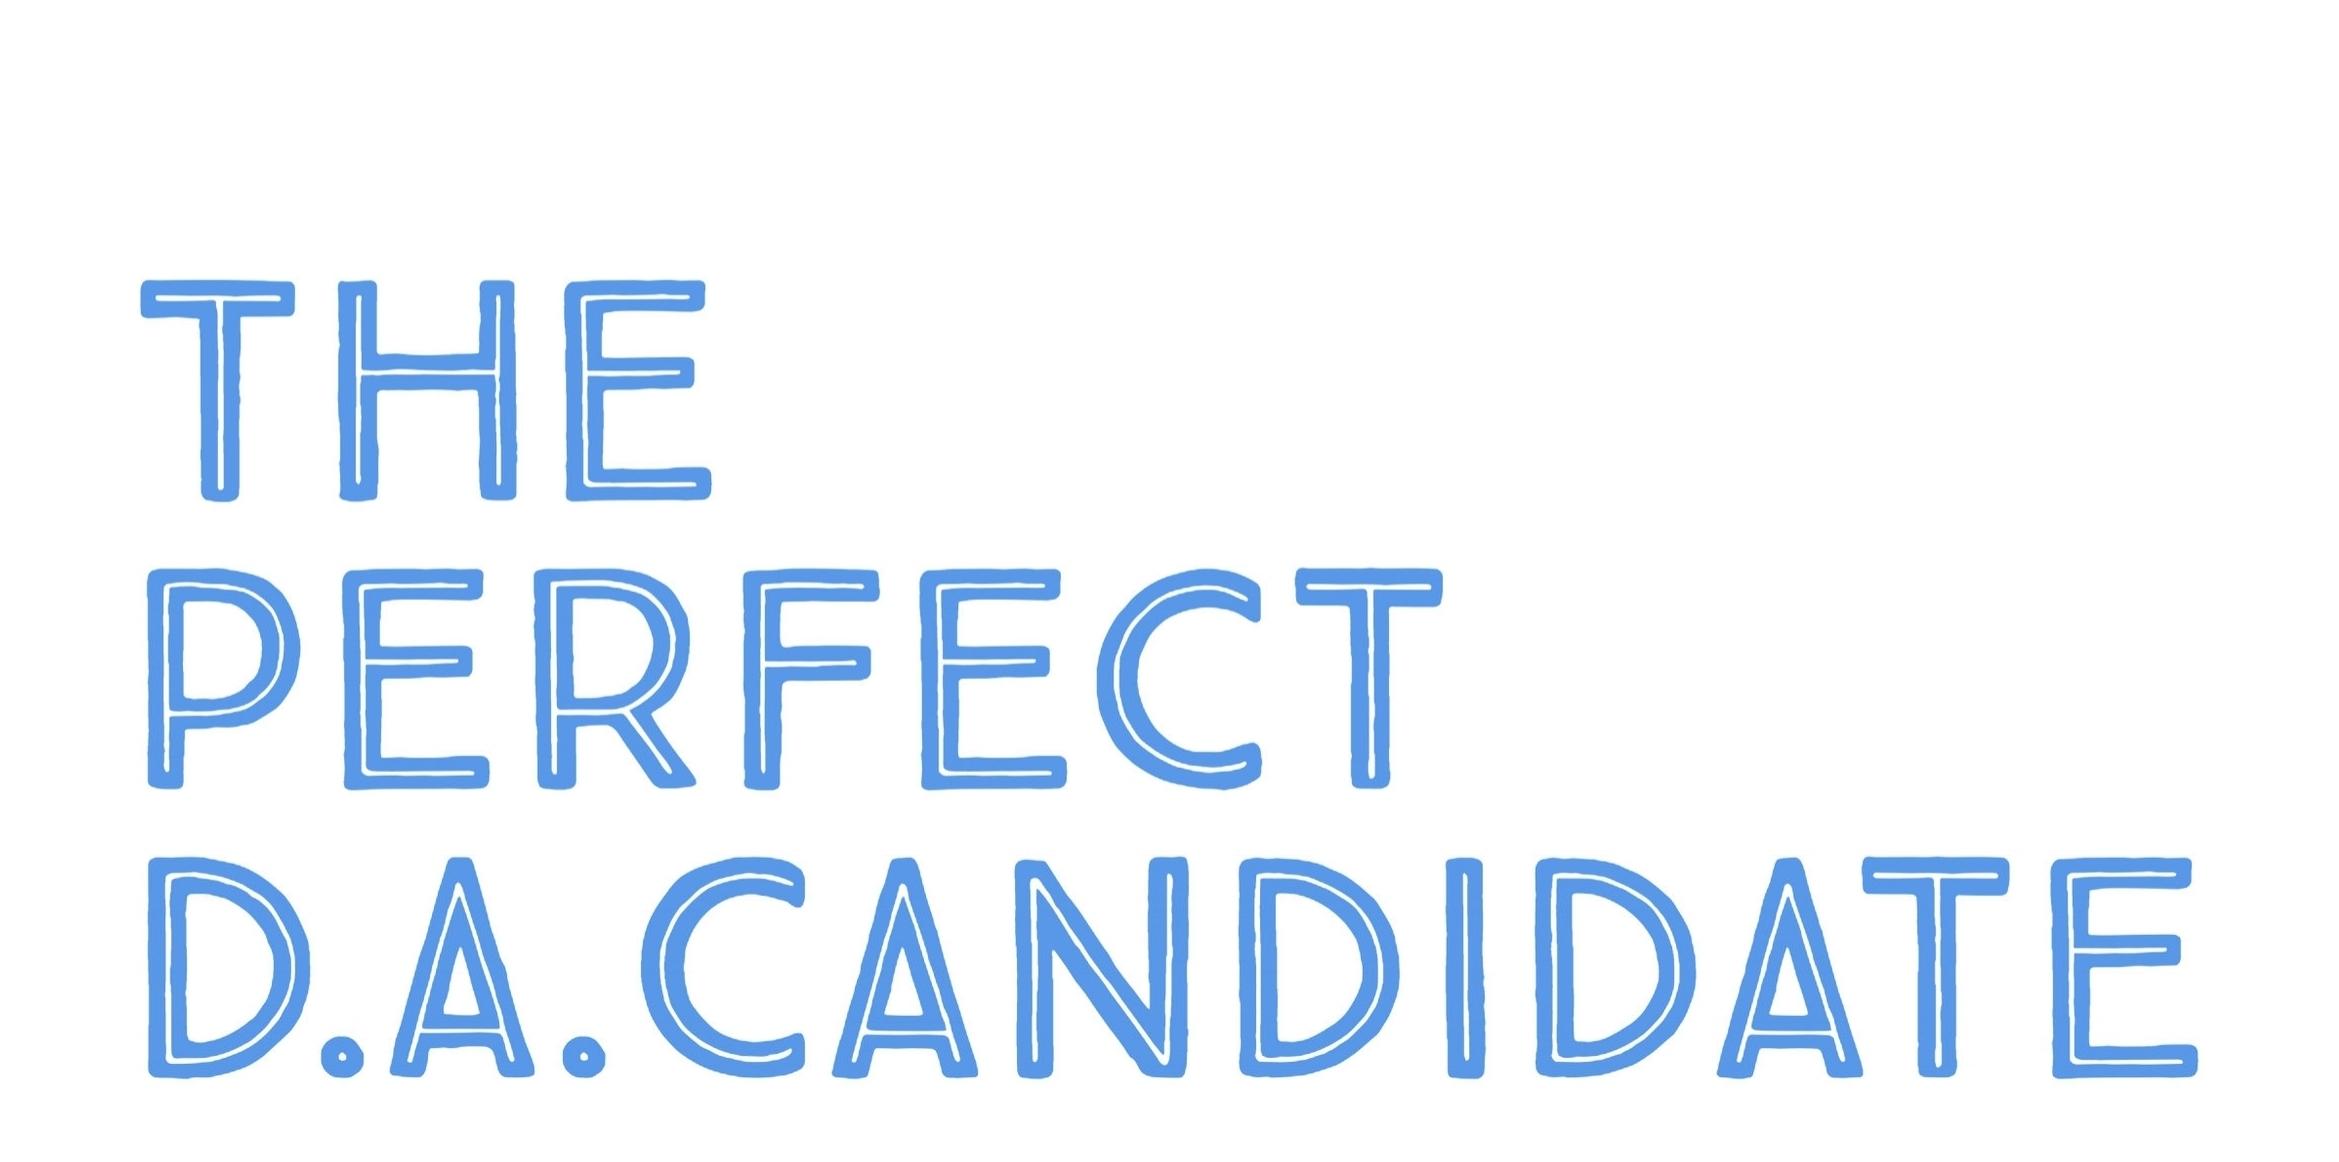 Perfect DA Candidate - 1.jpg